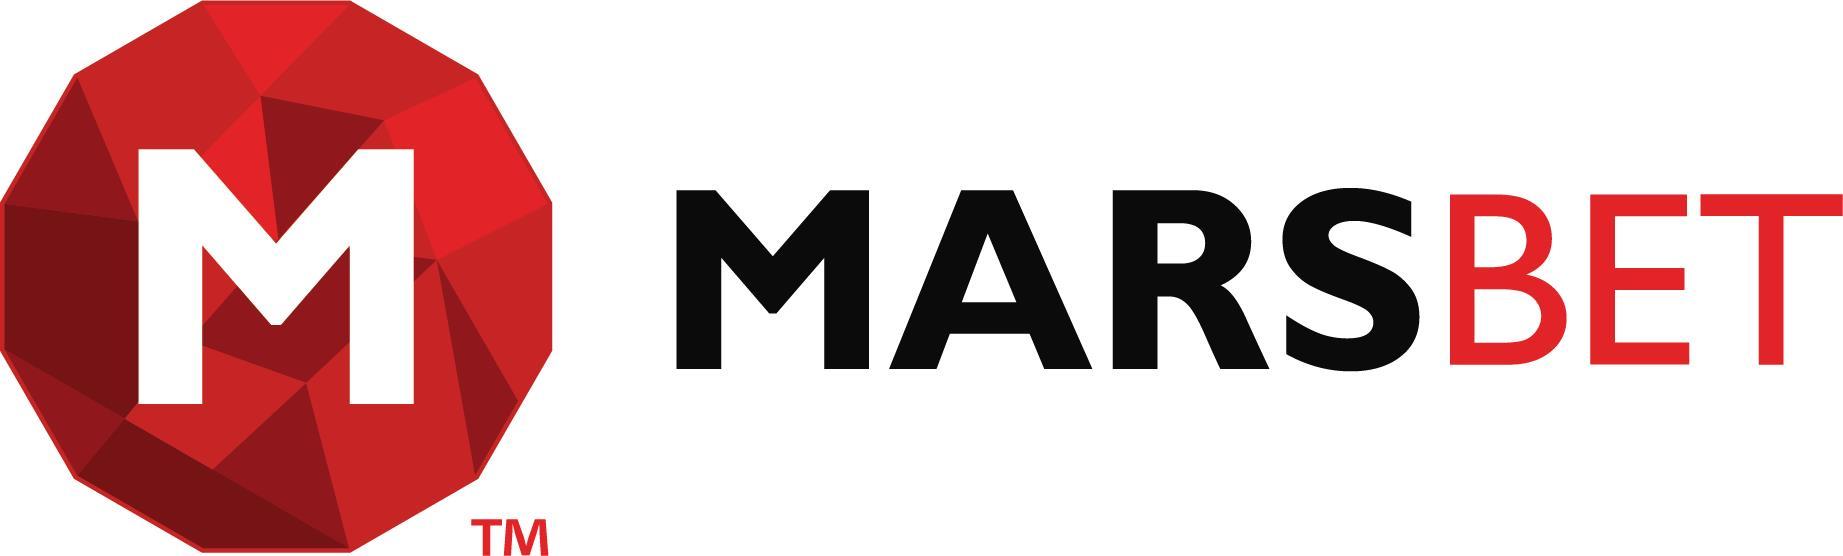 Ставки на спорт в букмекерской конторе Марсбет » WRC Info: новости российского, европейского и мирового ралли